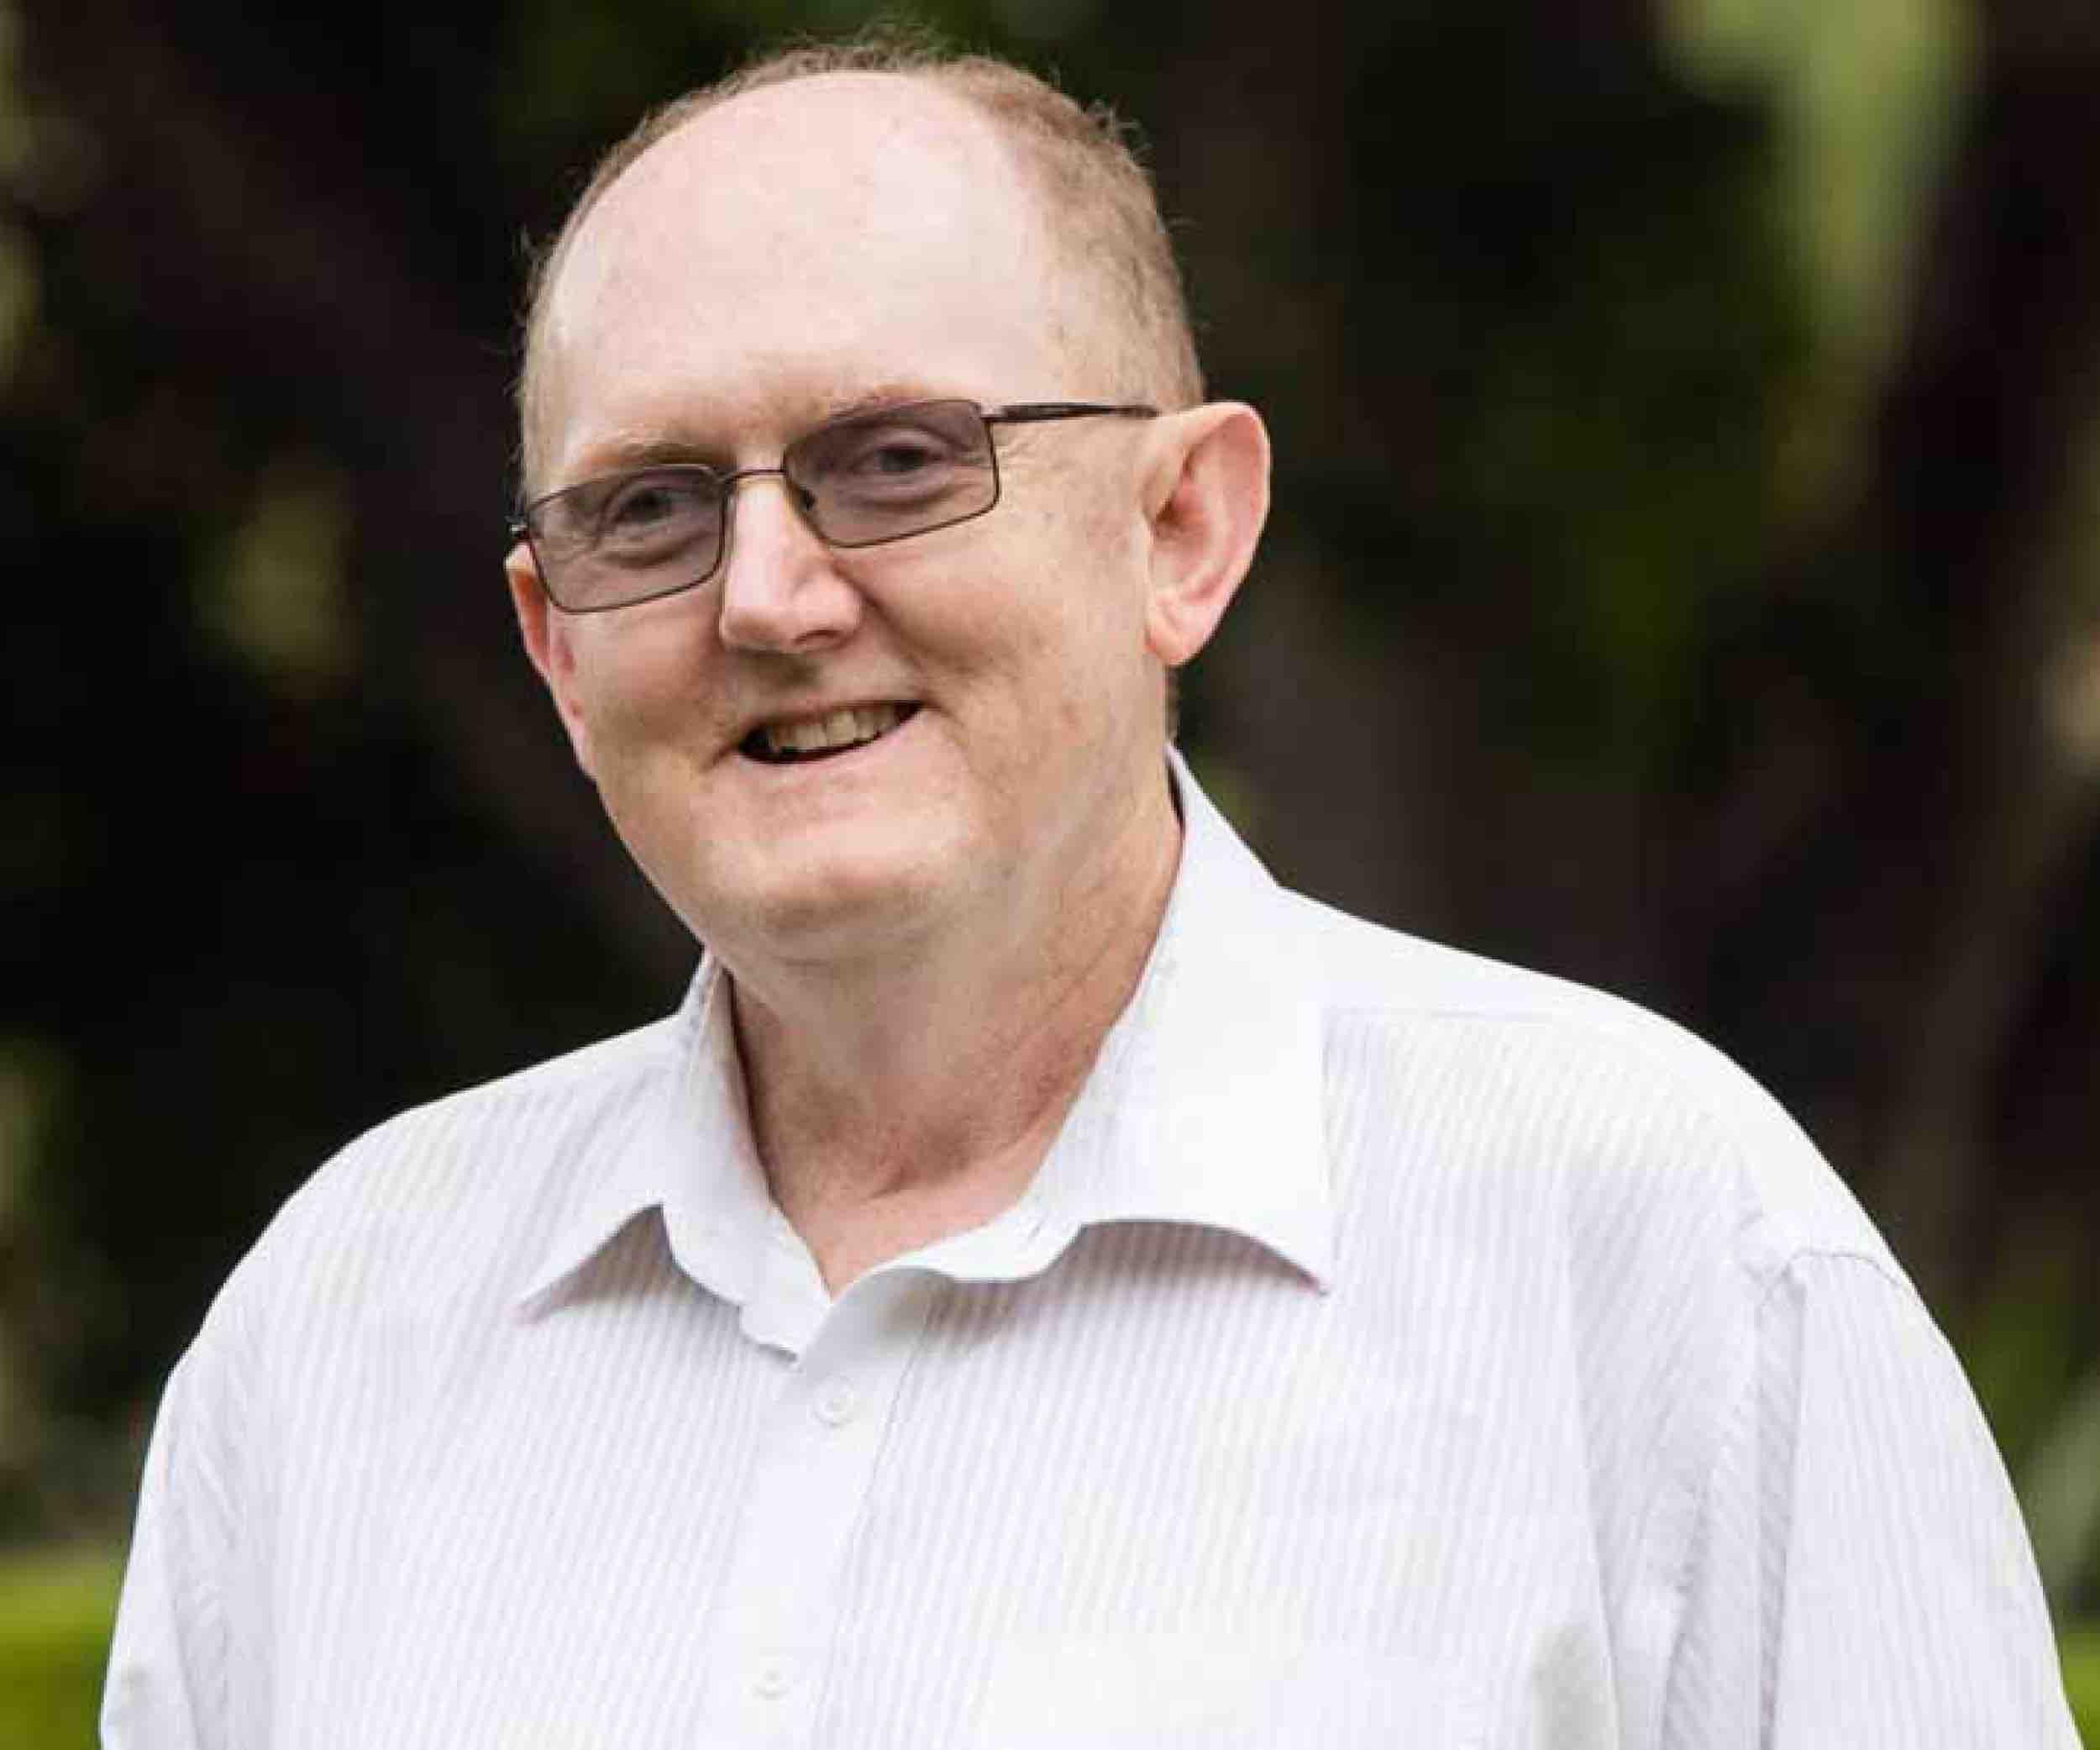 Wayne Thurecht